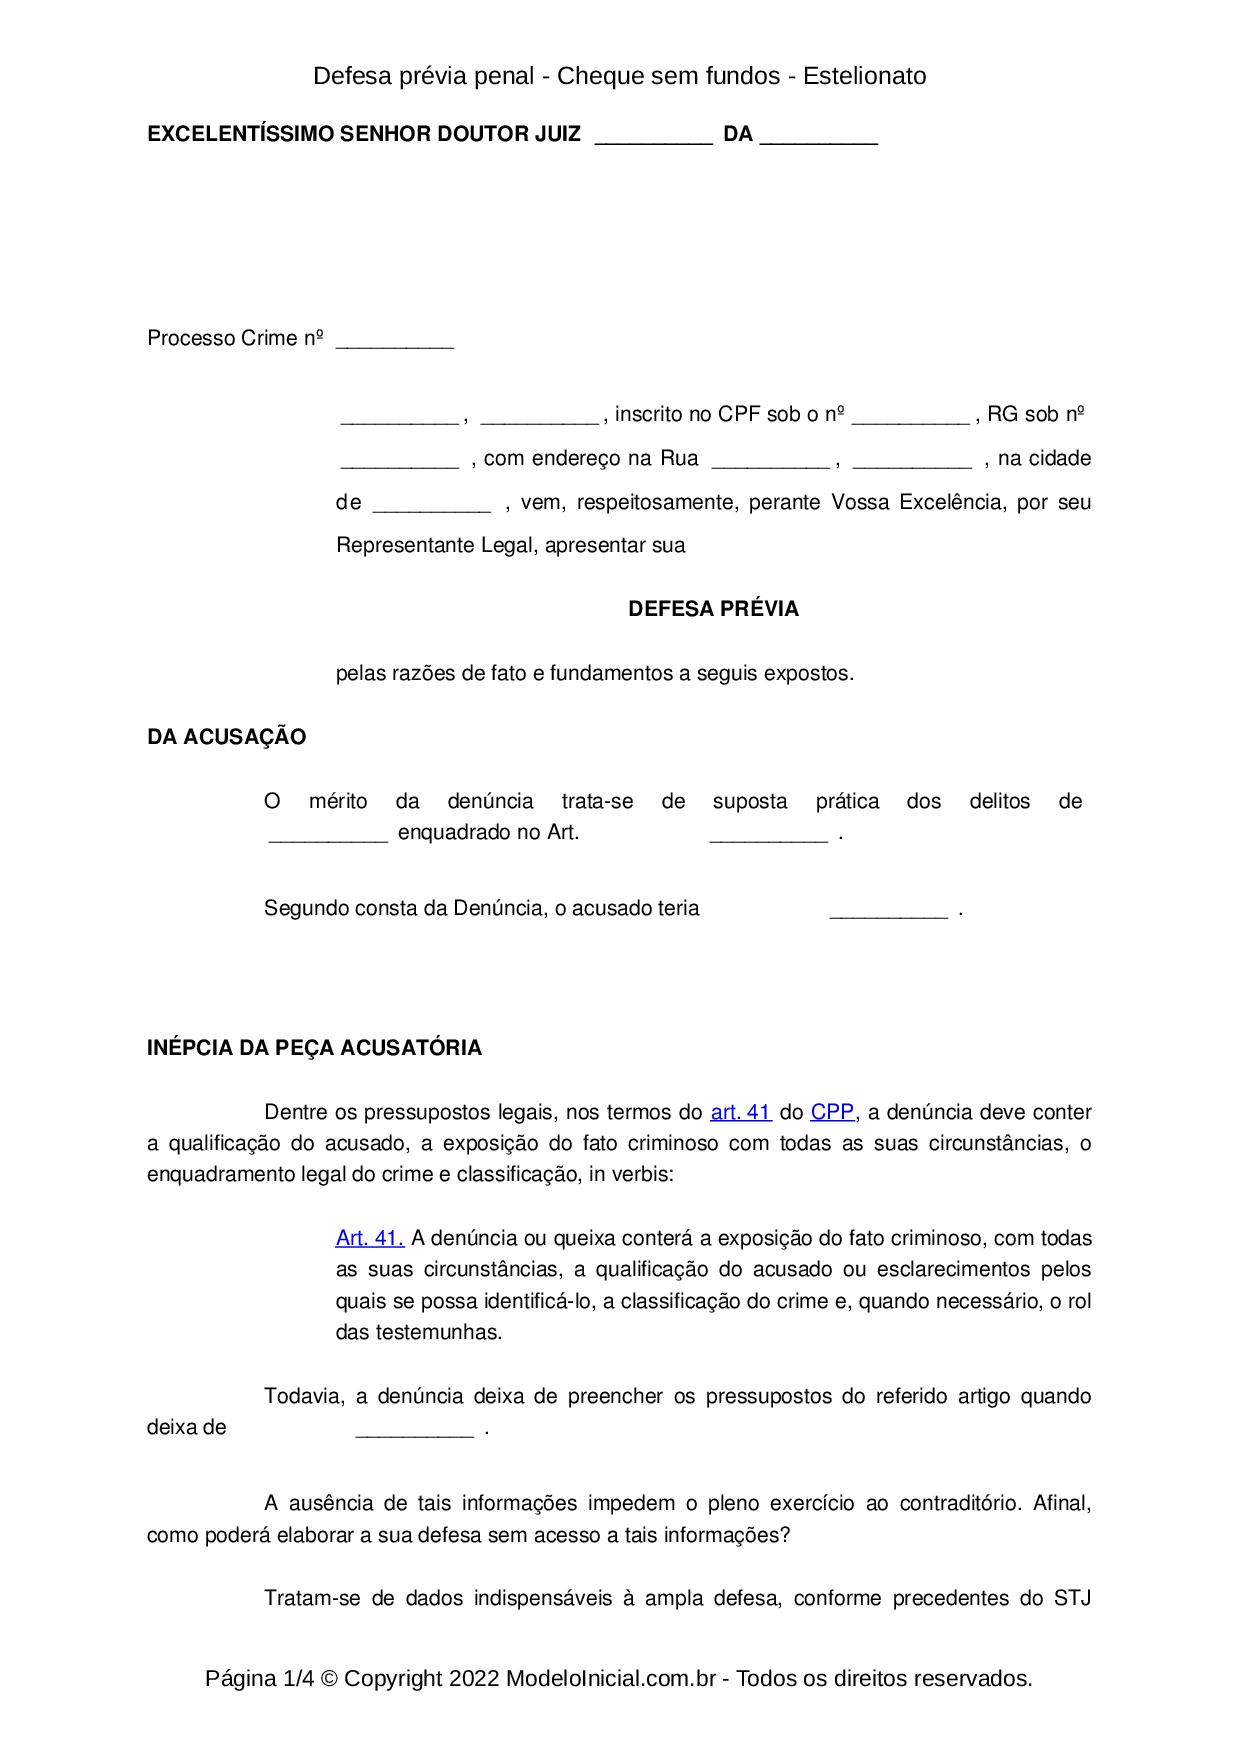 Modelo Defesa prévia penal - Cheque sem fundos - Estelionato